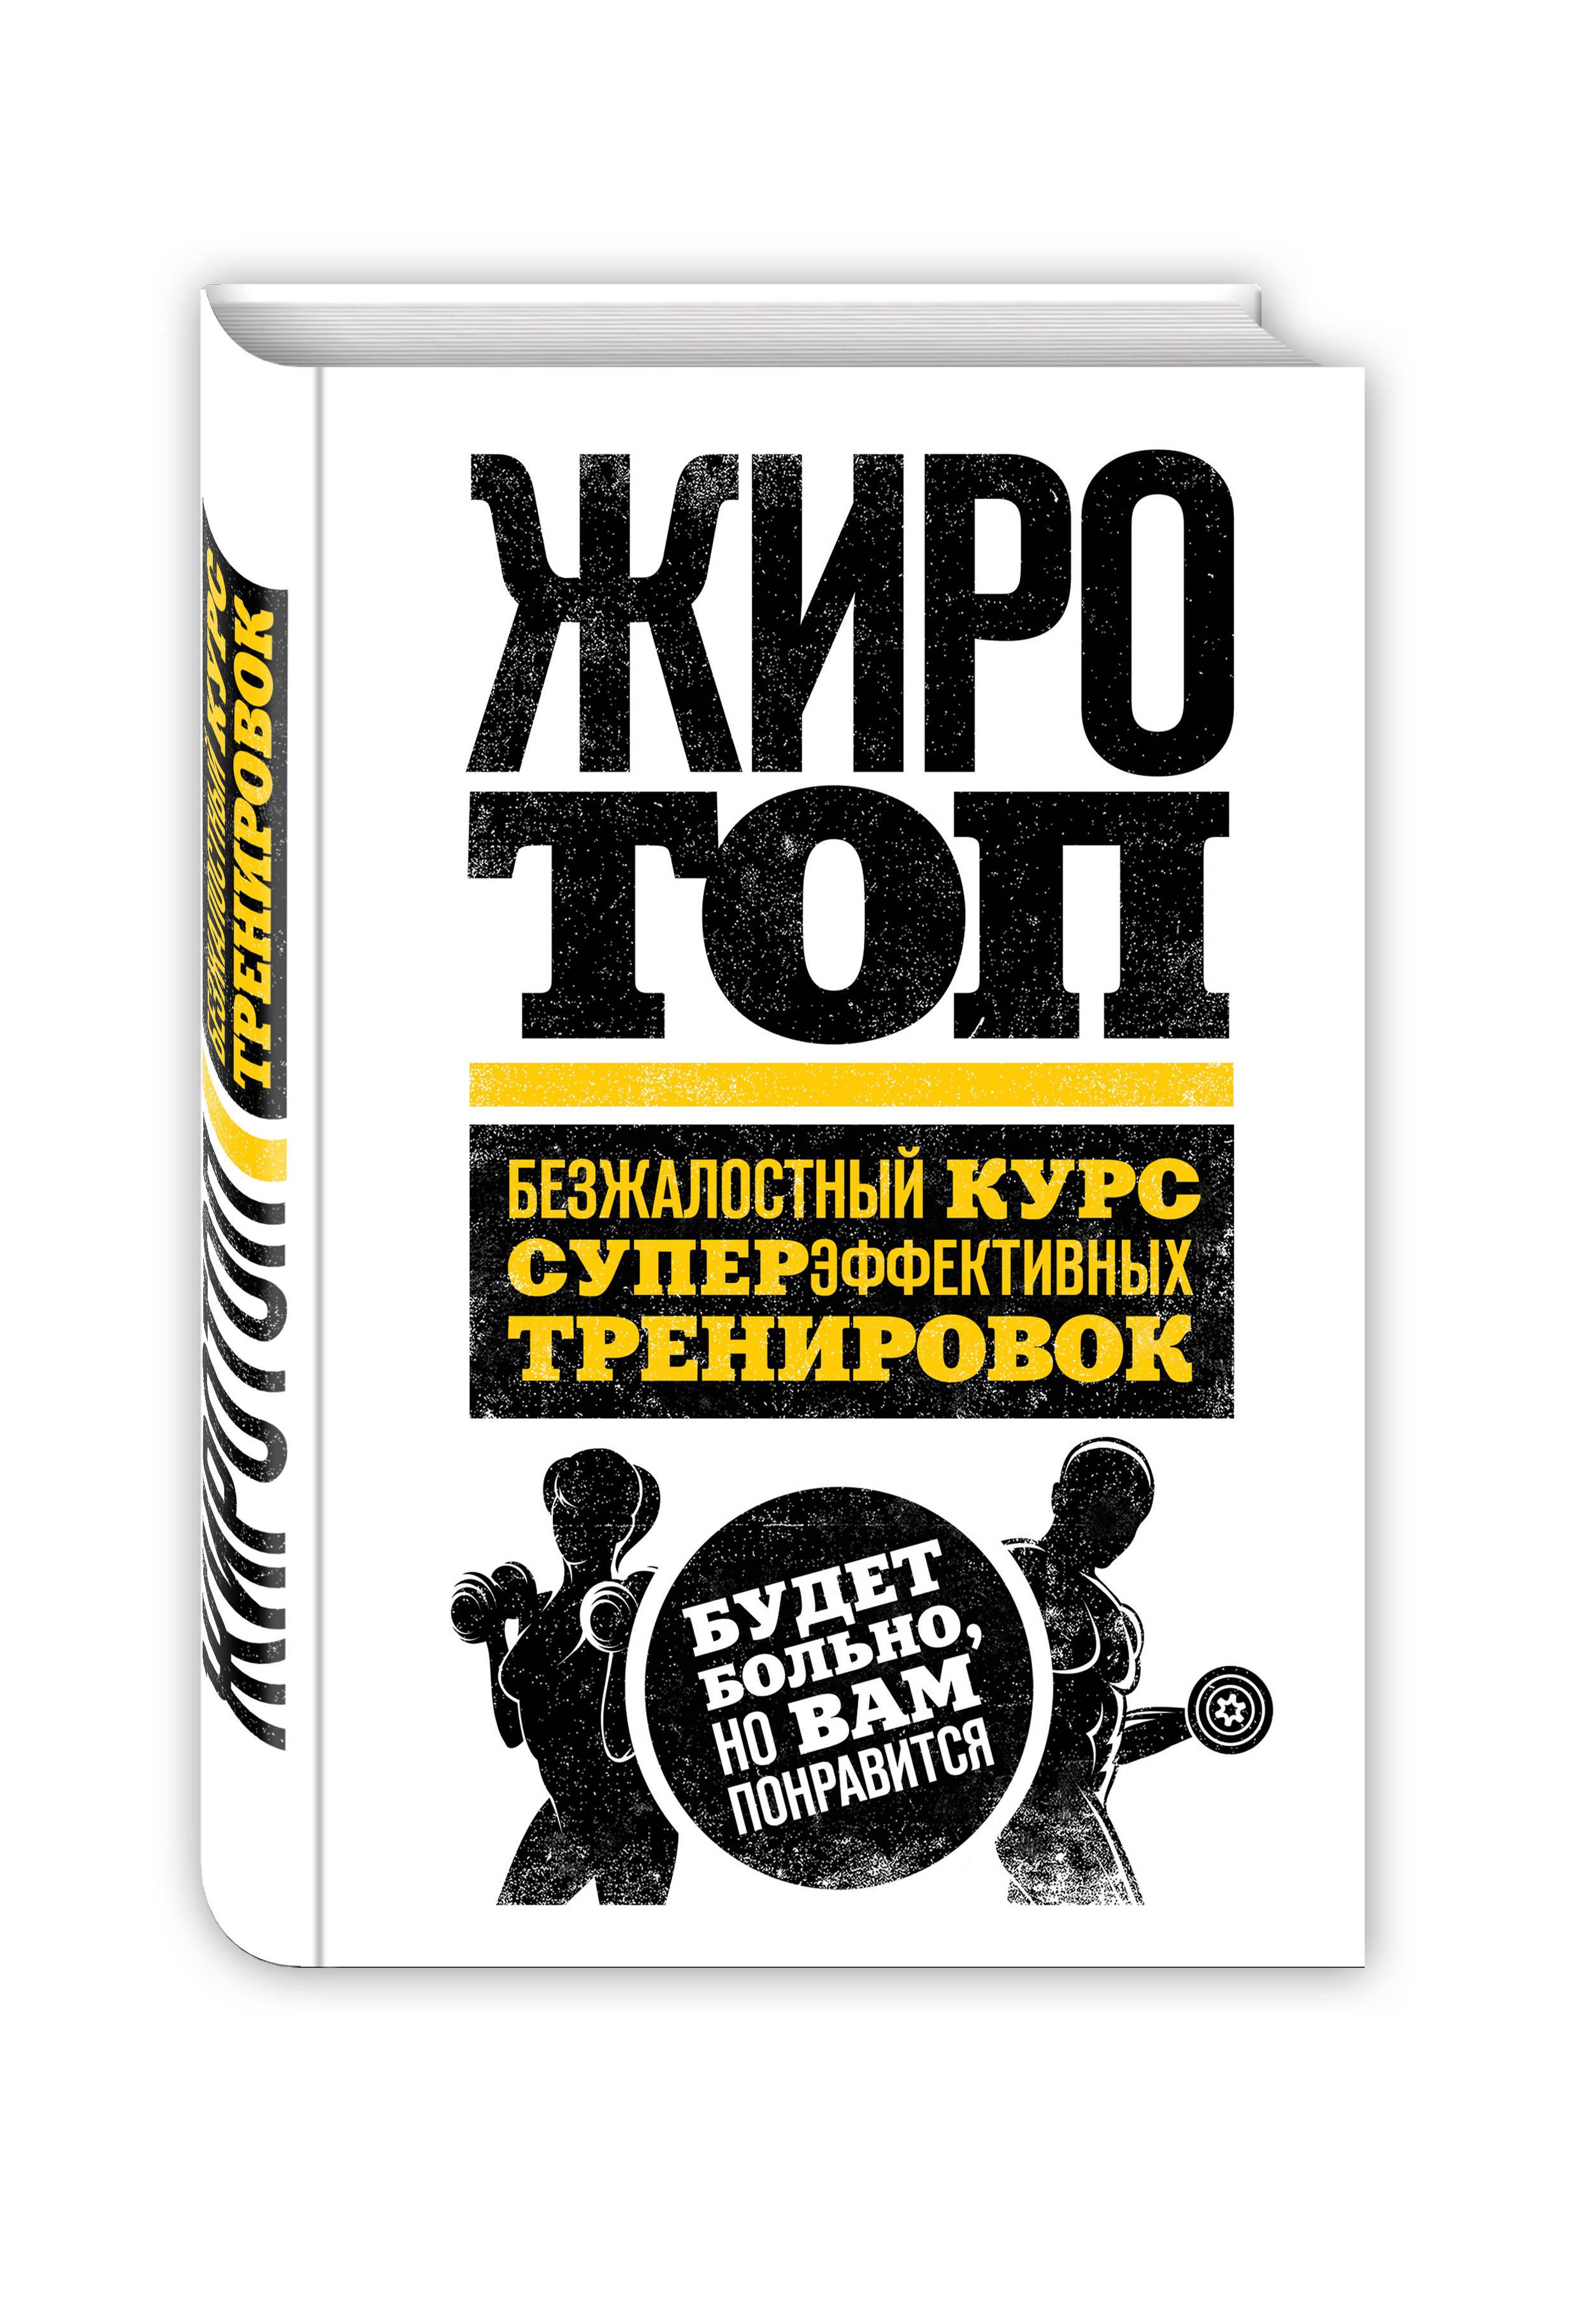 Жиротоп. Безжалостный курс суперэффективных тренировок от book24.ru